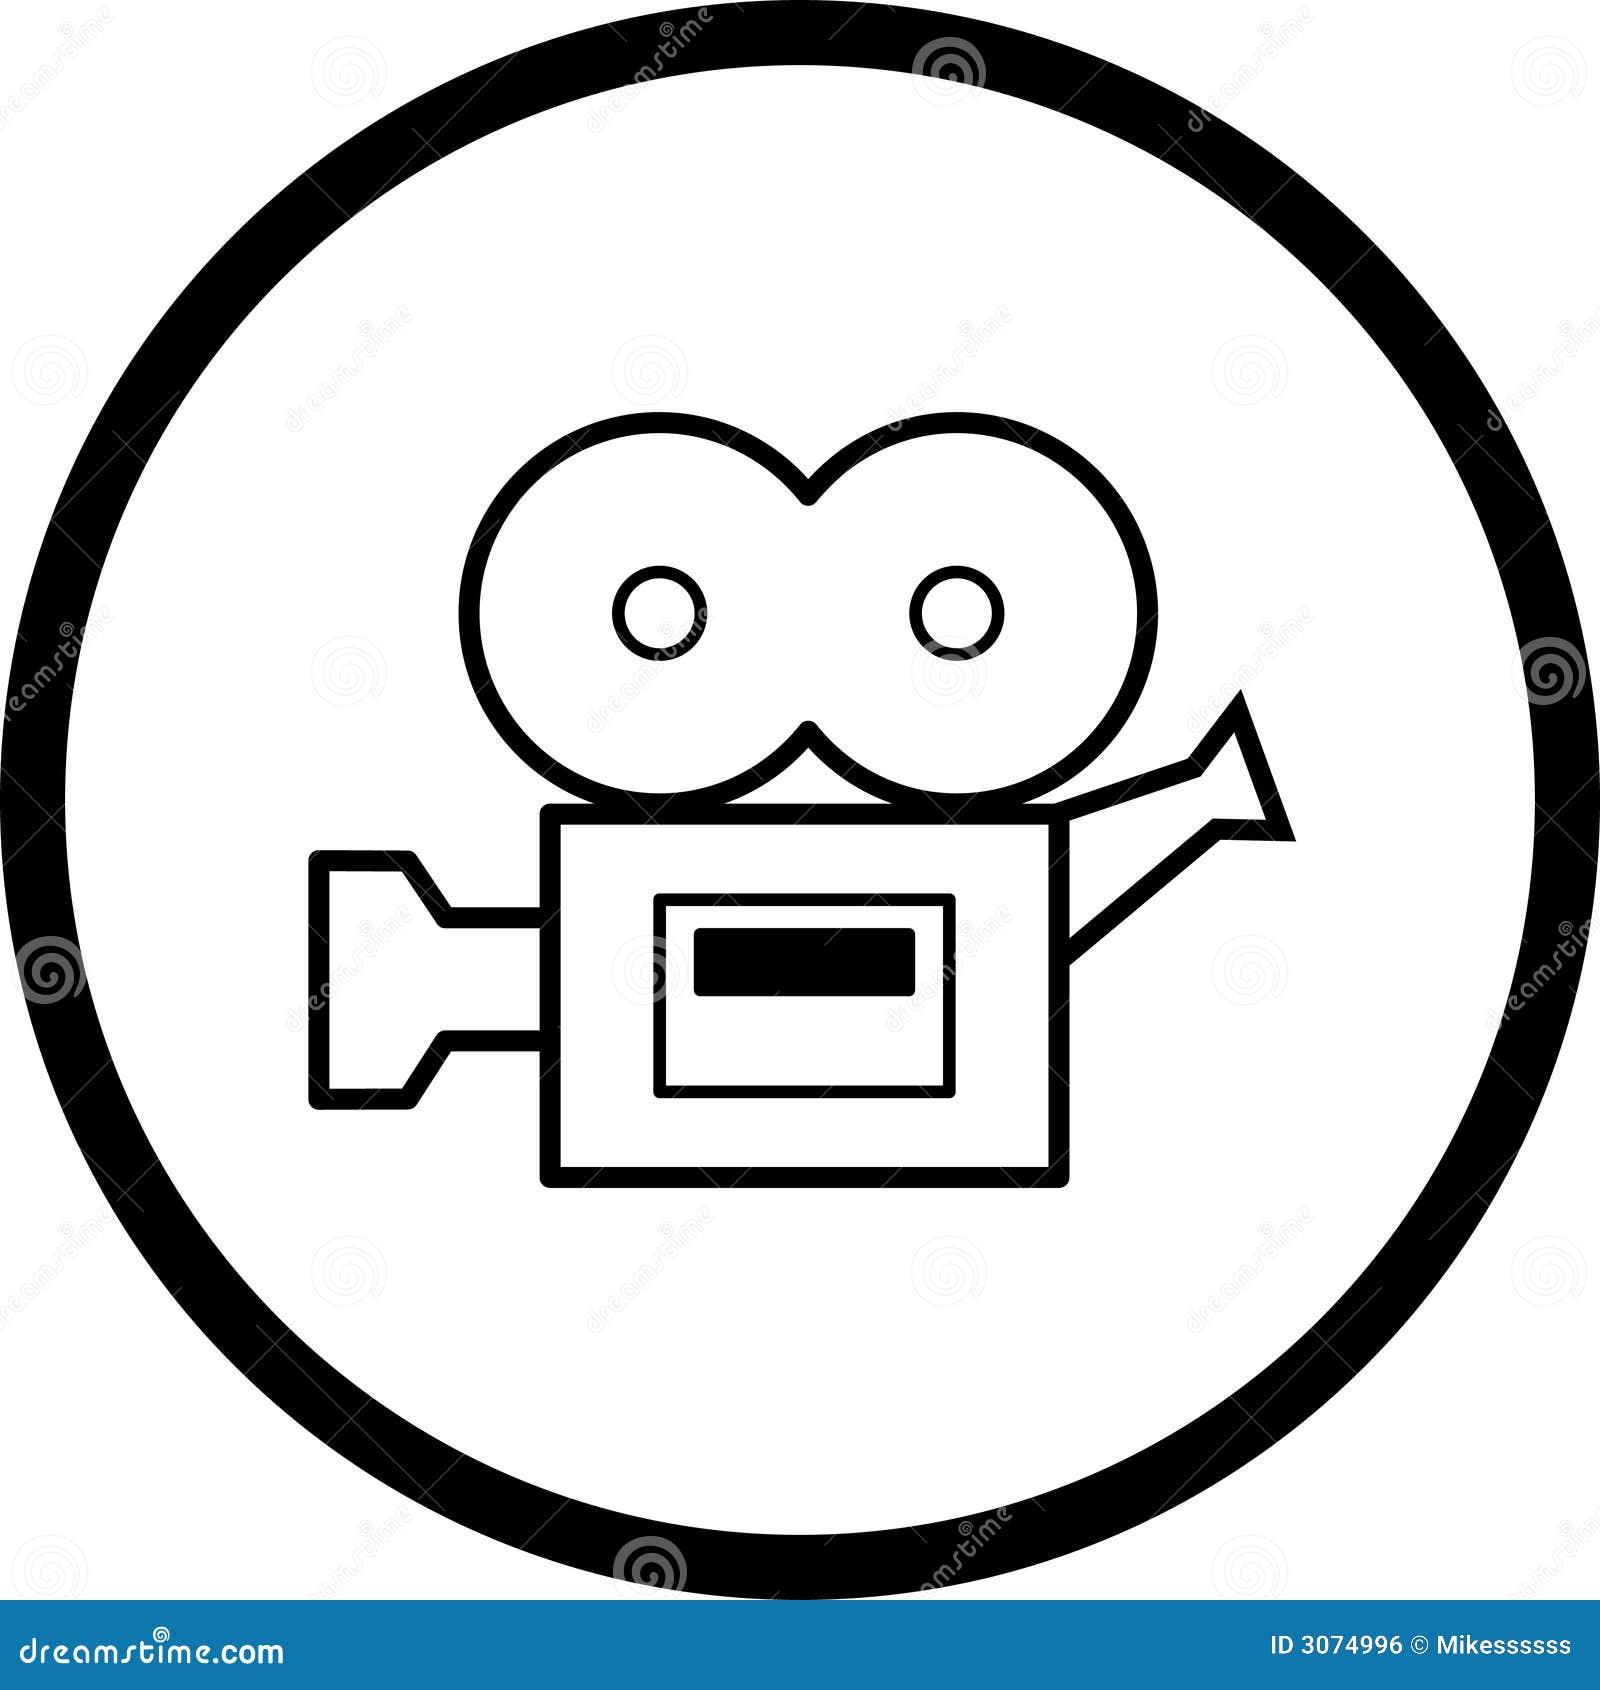 film camera vector symbol stock vector illustration of